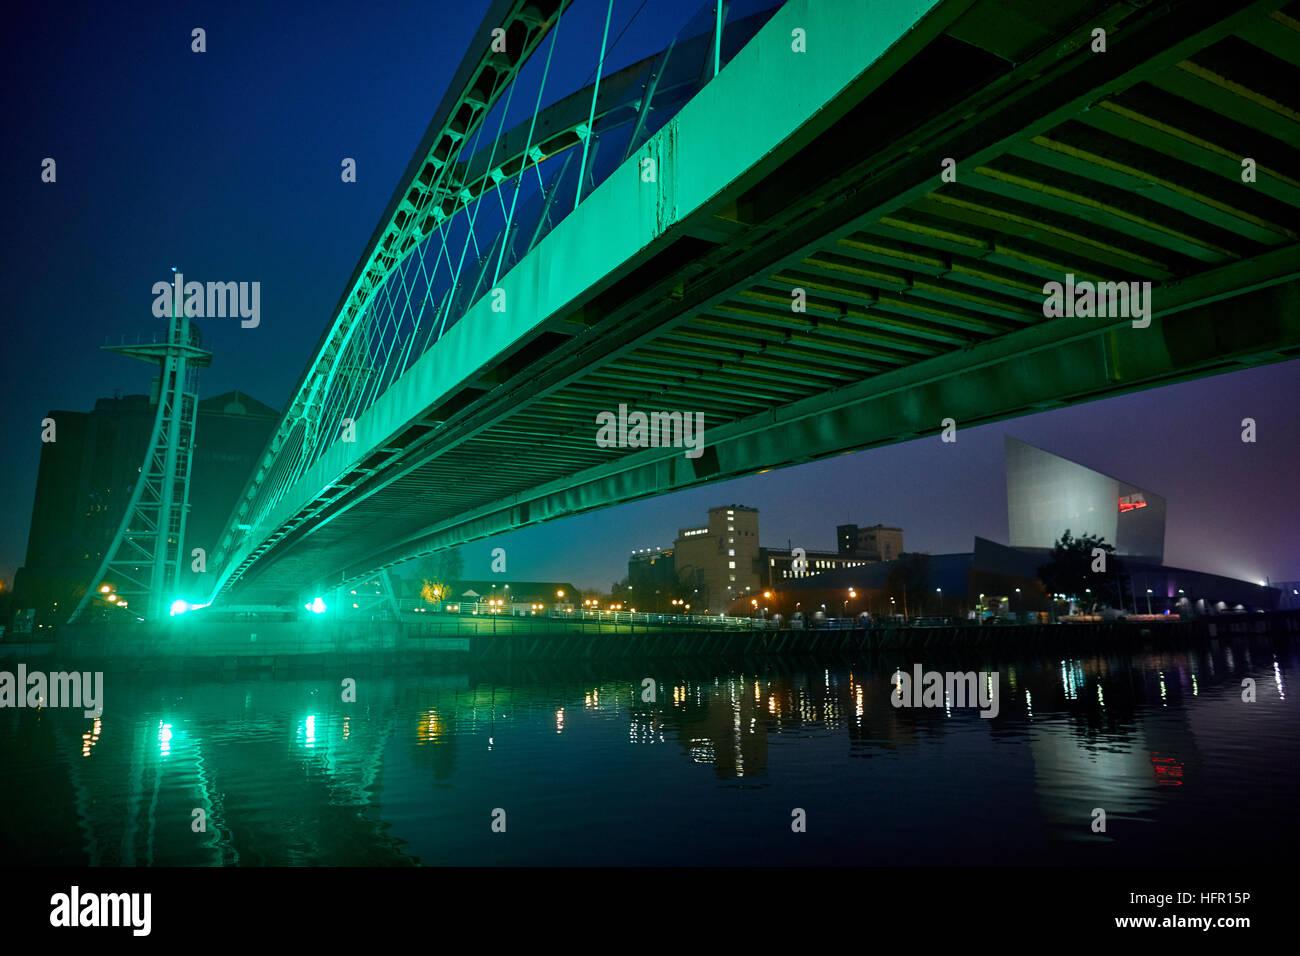 Manchester Salford Quays Mediacity Liebe MediaCityUK Millennium Brücke grünes Licht am Abend Nacht Dämmerung Stockbild